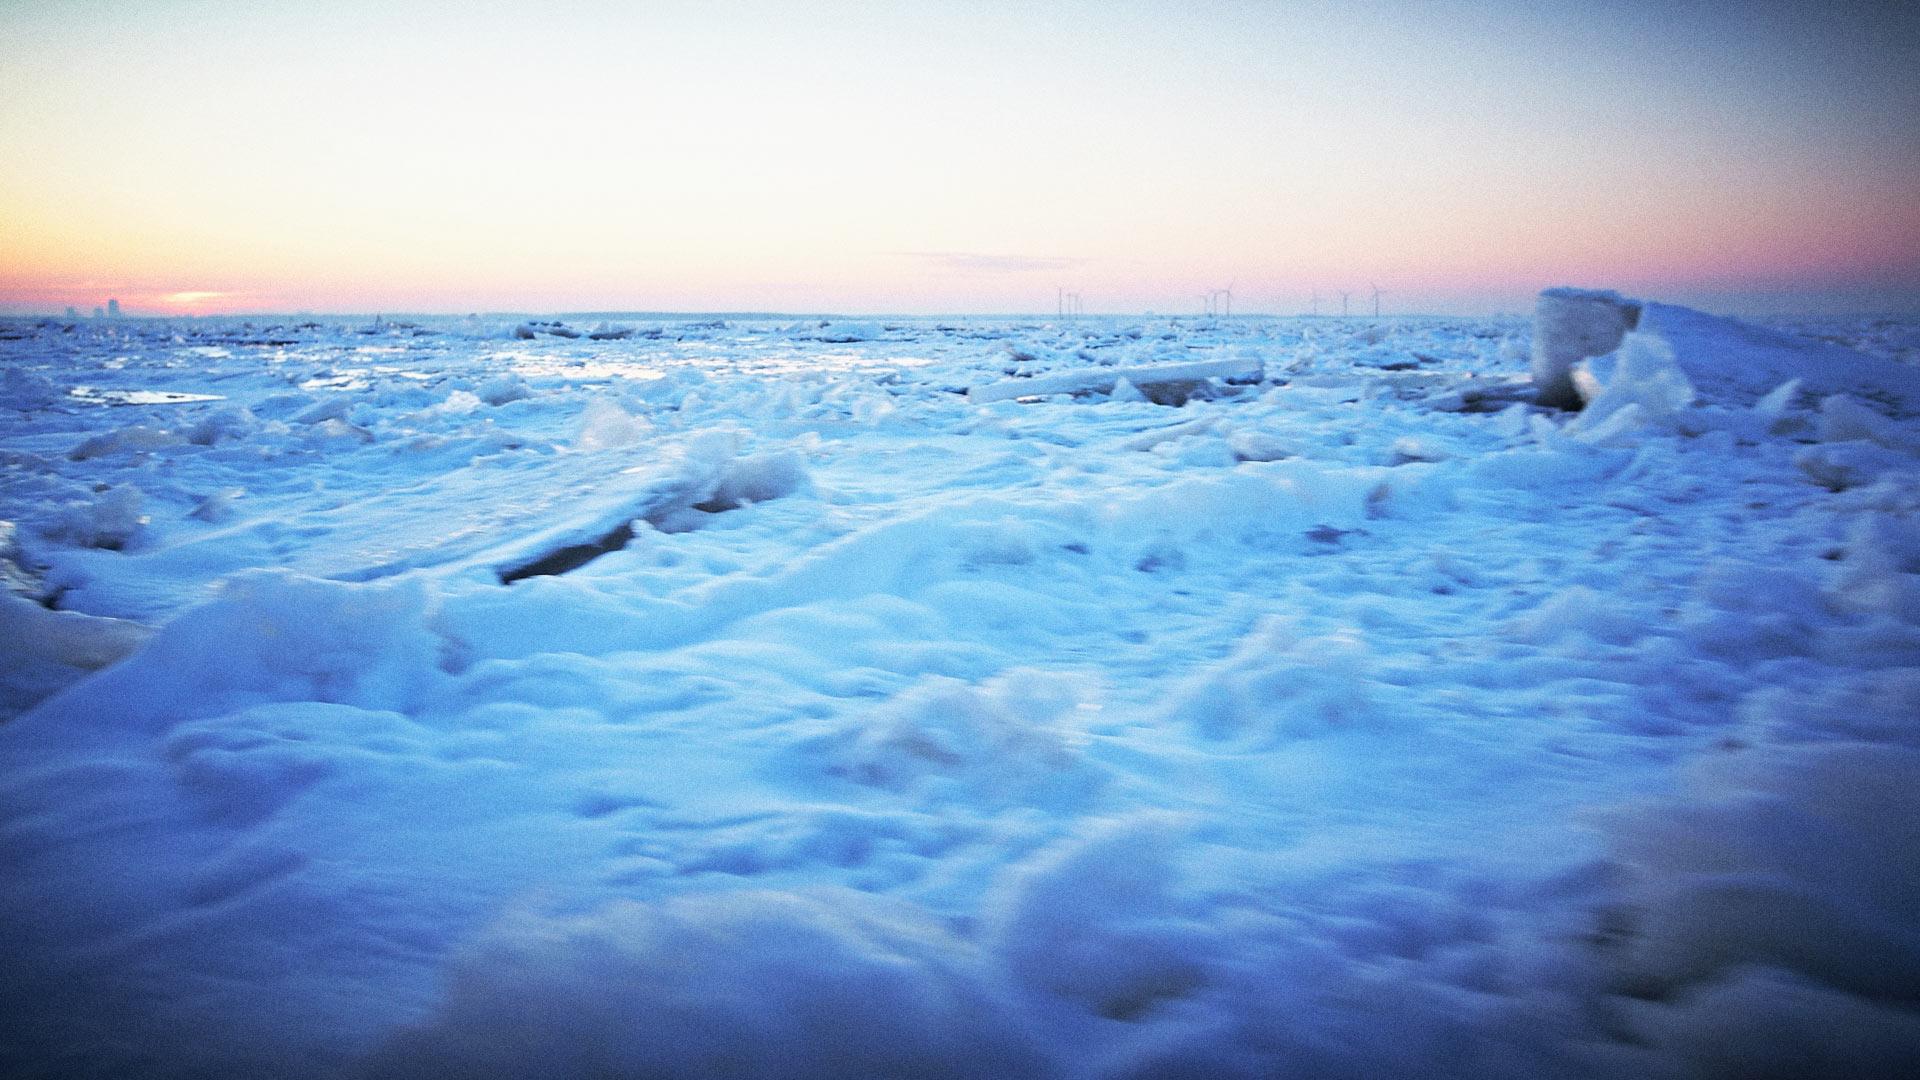 PDJPhoto, Peter de Jong, sluisweg 59, 2225 xj, Katwijk, 2012, ice, icebreaking, boat, lake, cold, sky, blue, sun